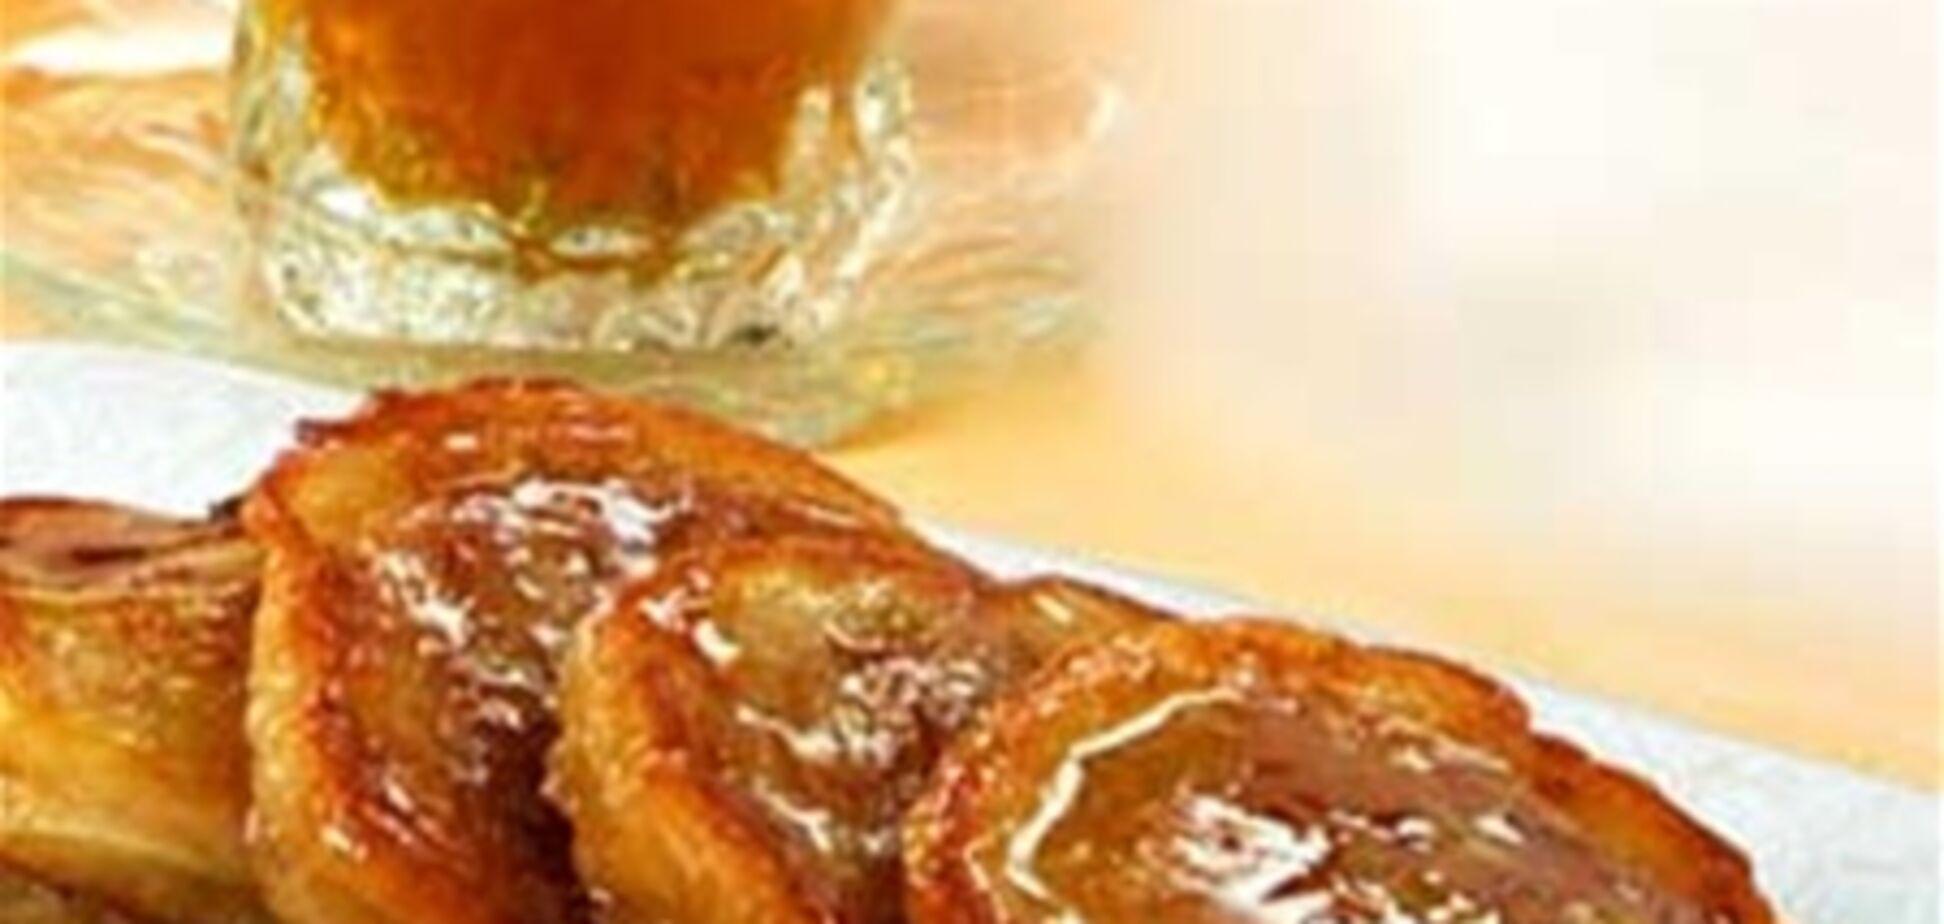 Масляна: оригінальні рецепти млинців